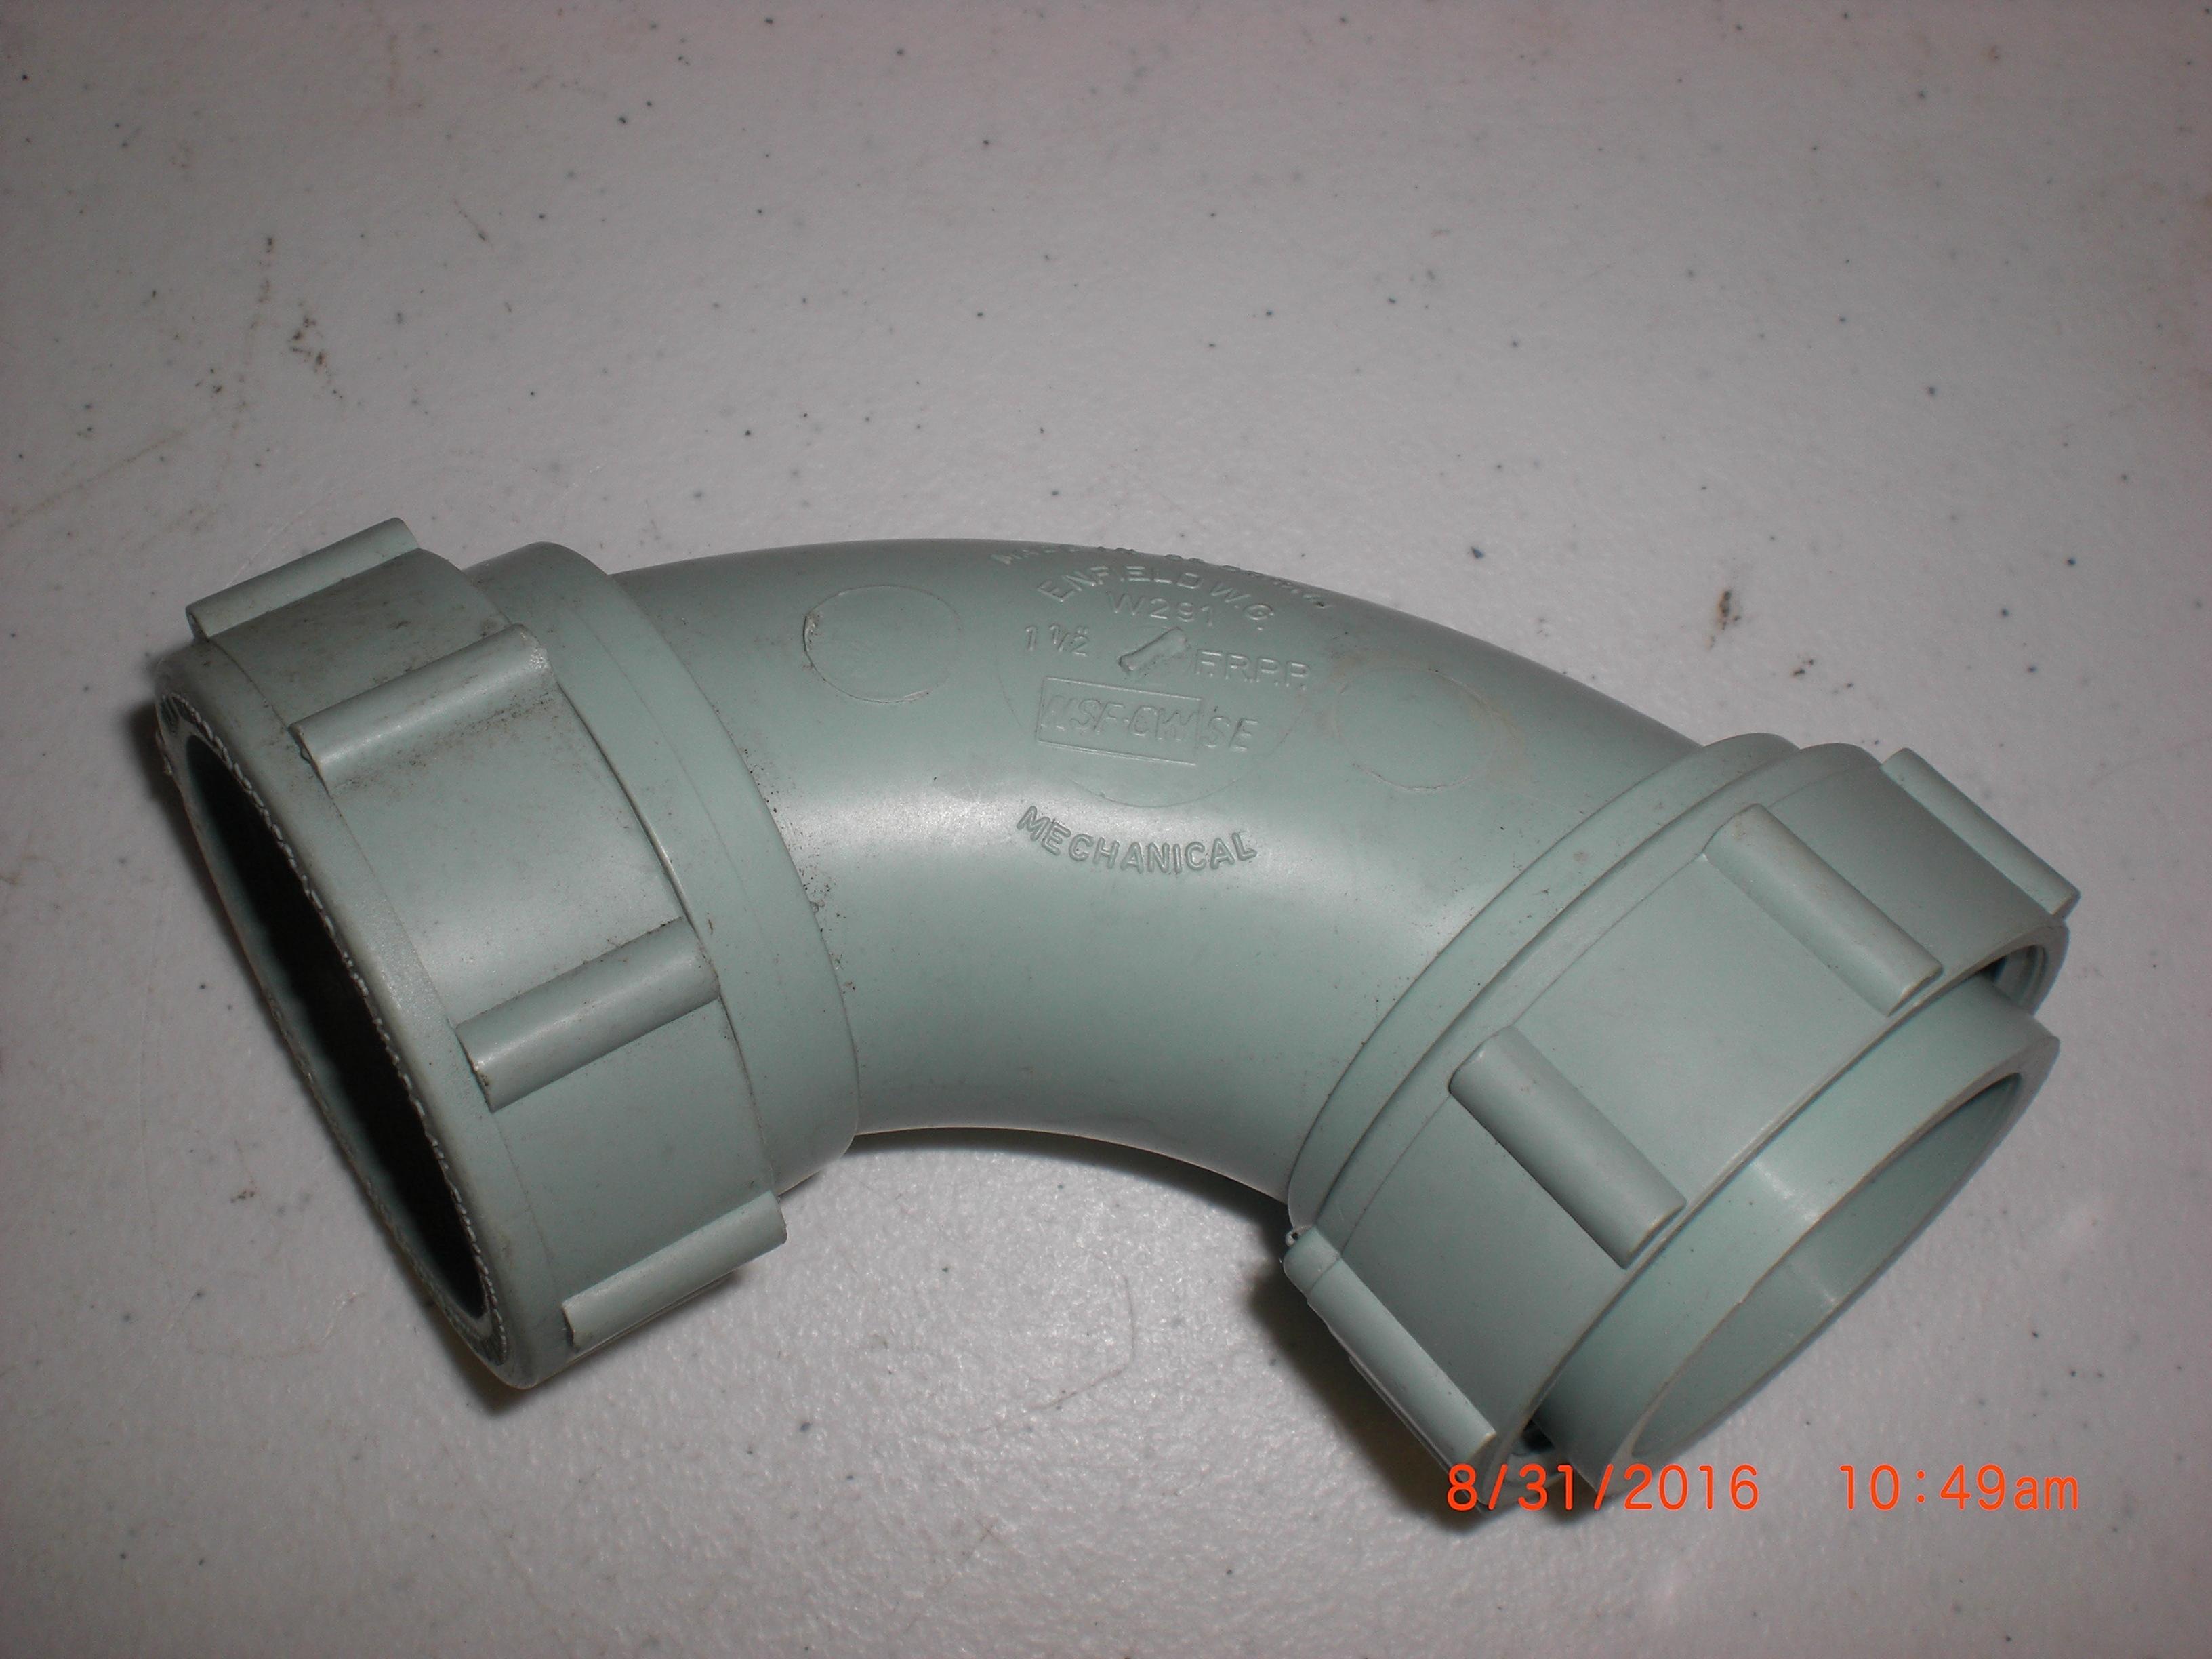 Fitting Enfield W291 Labline 11/2in LOOSE NUT 1/4 BEND MJ x LN FRPP acid waste